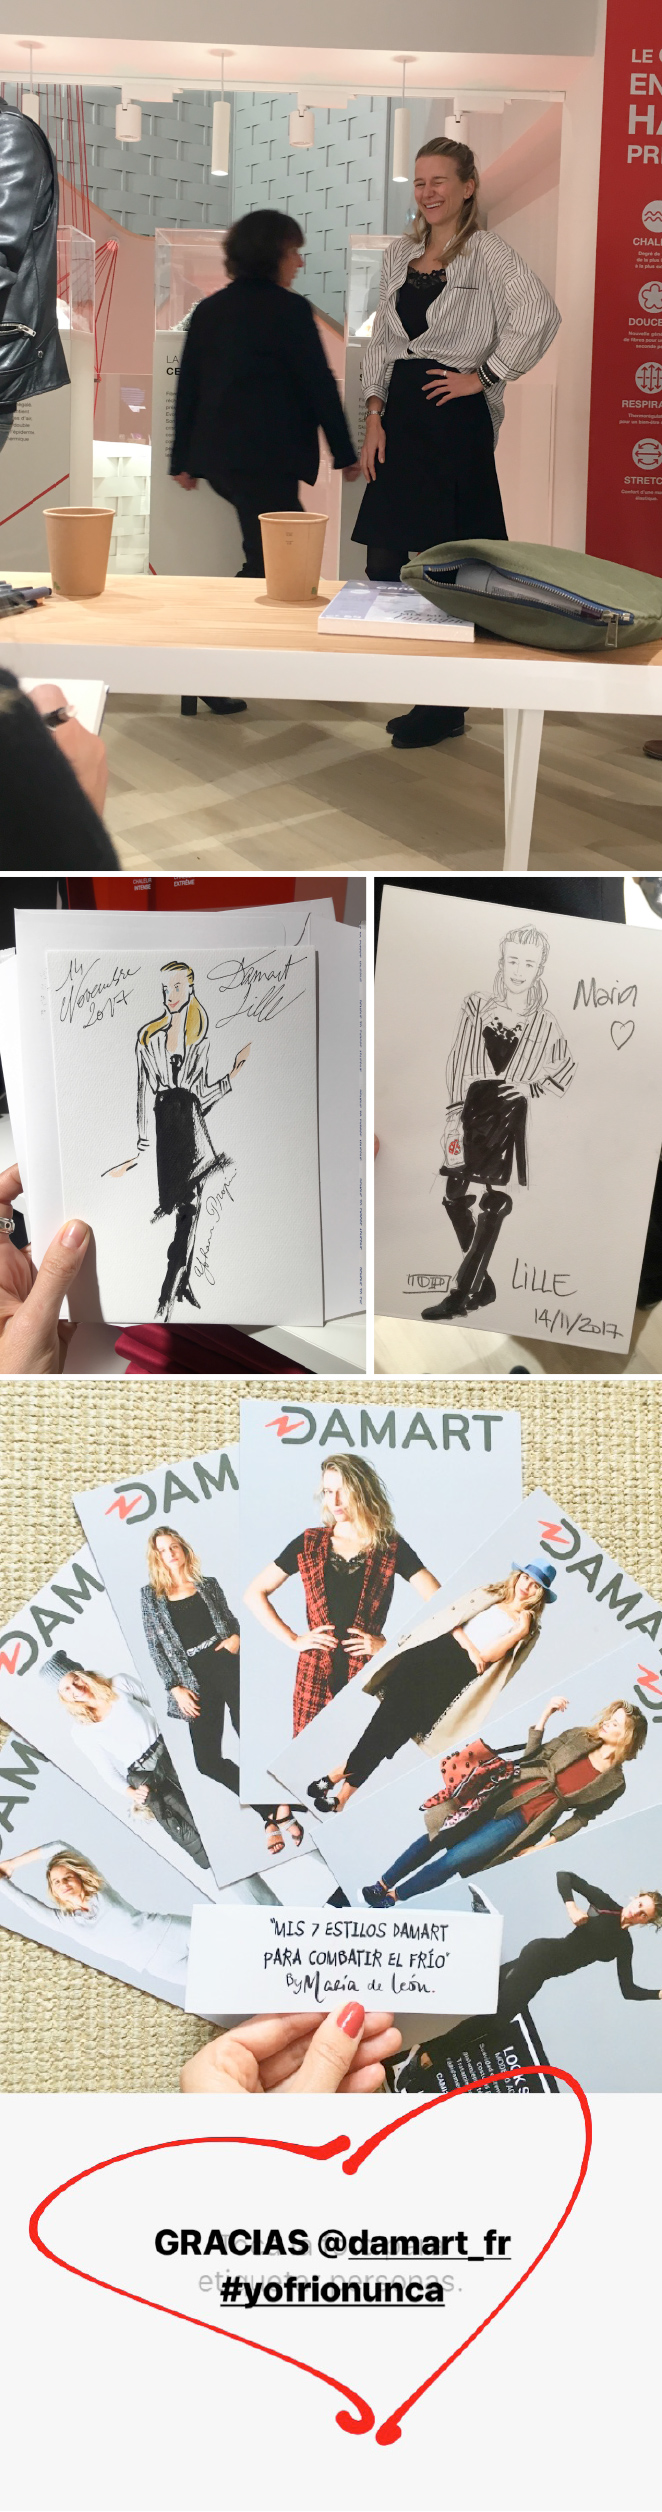 Otra de las sorpresas de la noche, fue tener la ocasión de ser retratada por buenísimos ilustradores como @yohannpropin y @accrodelamode (también colaboradores de esta firma francesa) y en tan solo 5 minutos!!Que arte!!